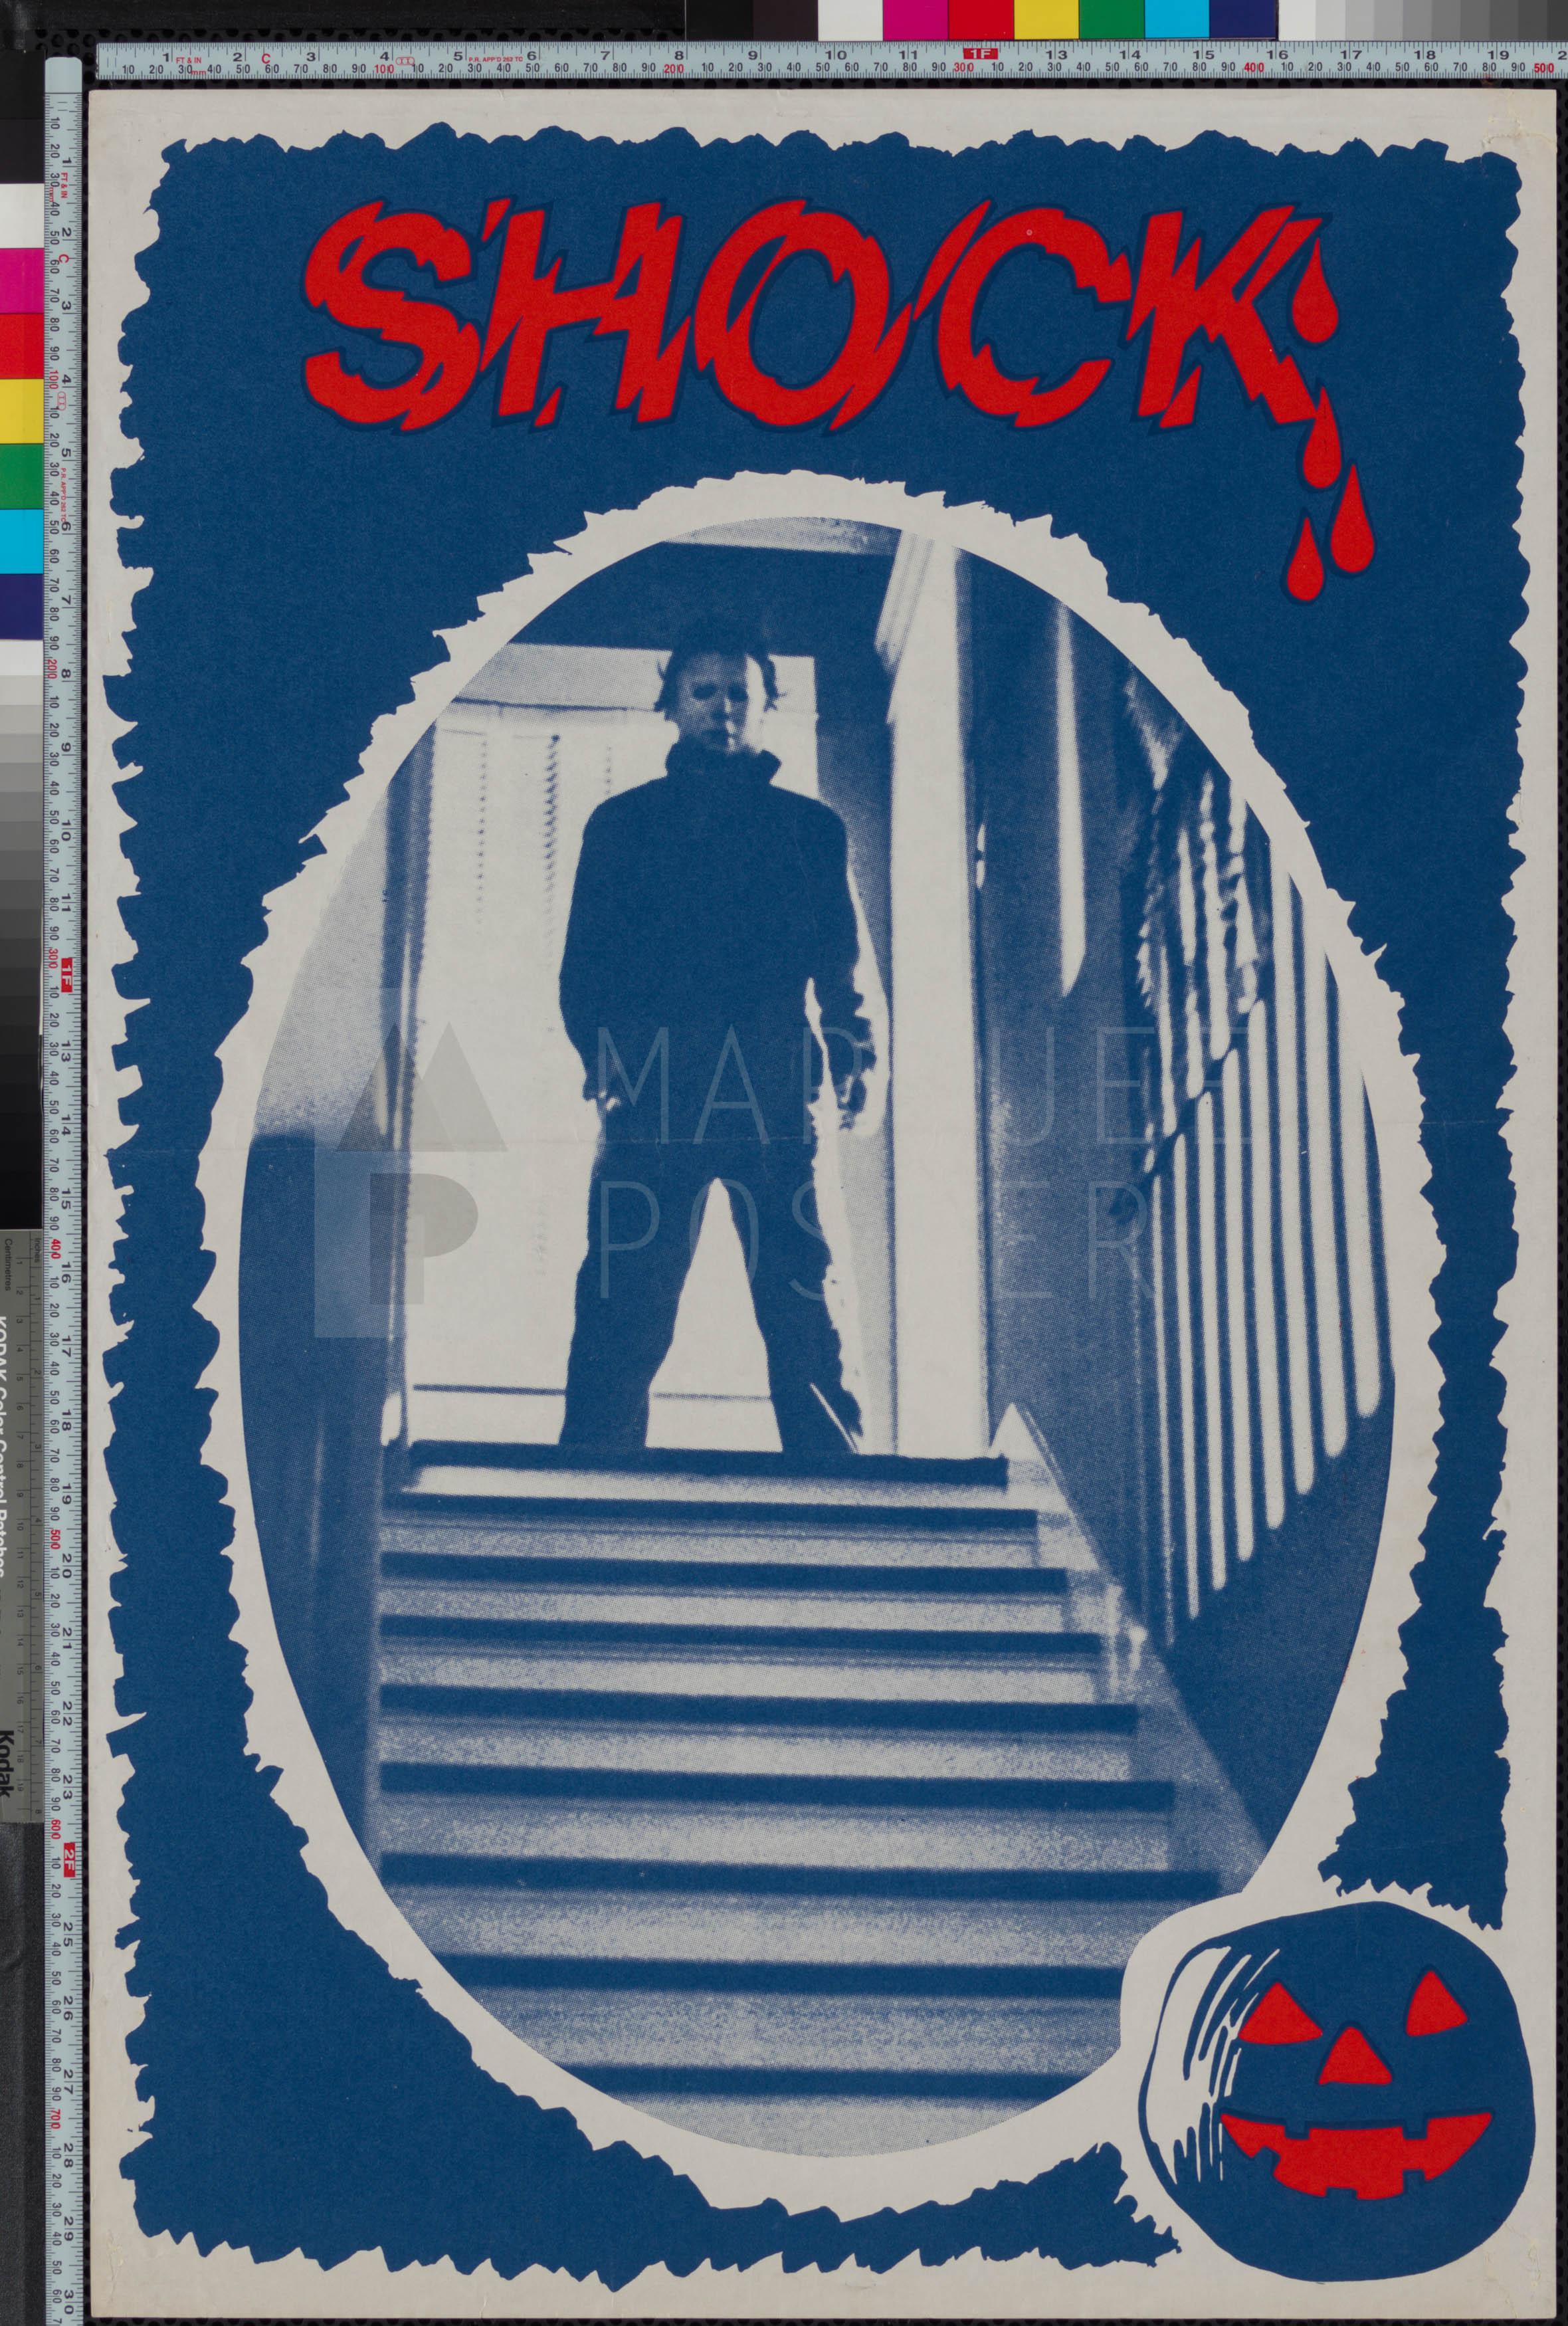 24-halloween-marler-haley-michael-myers-style-uk-double-crown-1978-02